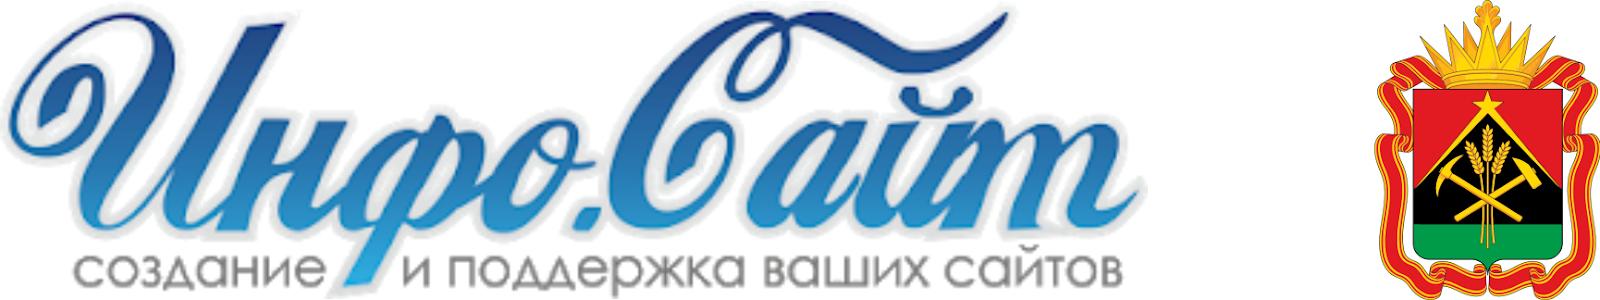 Кемеровская область 🌍 Новости : Информационный агрегатор Инфо-Сайт